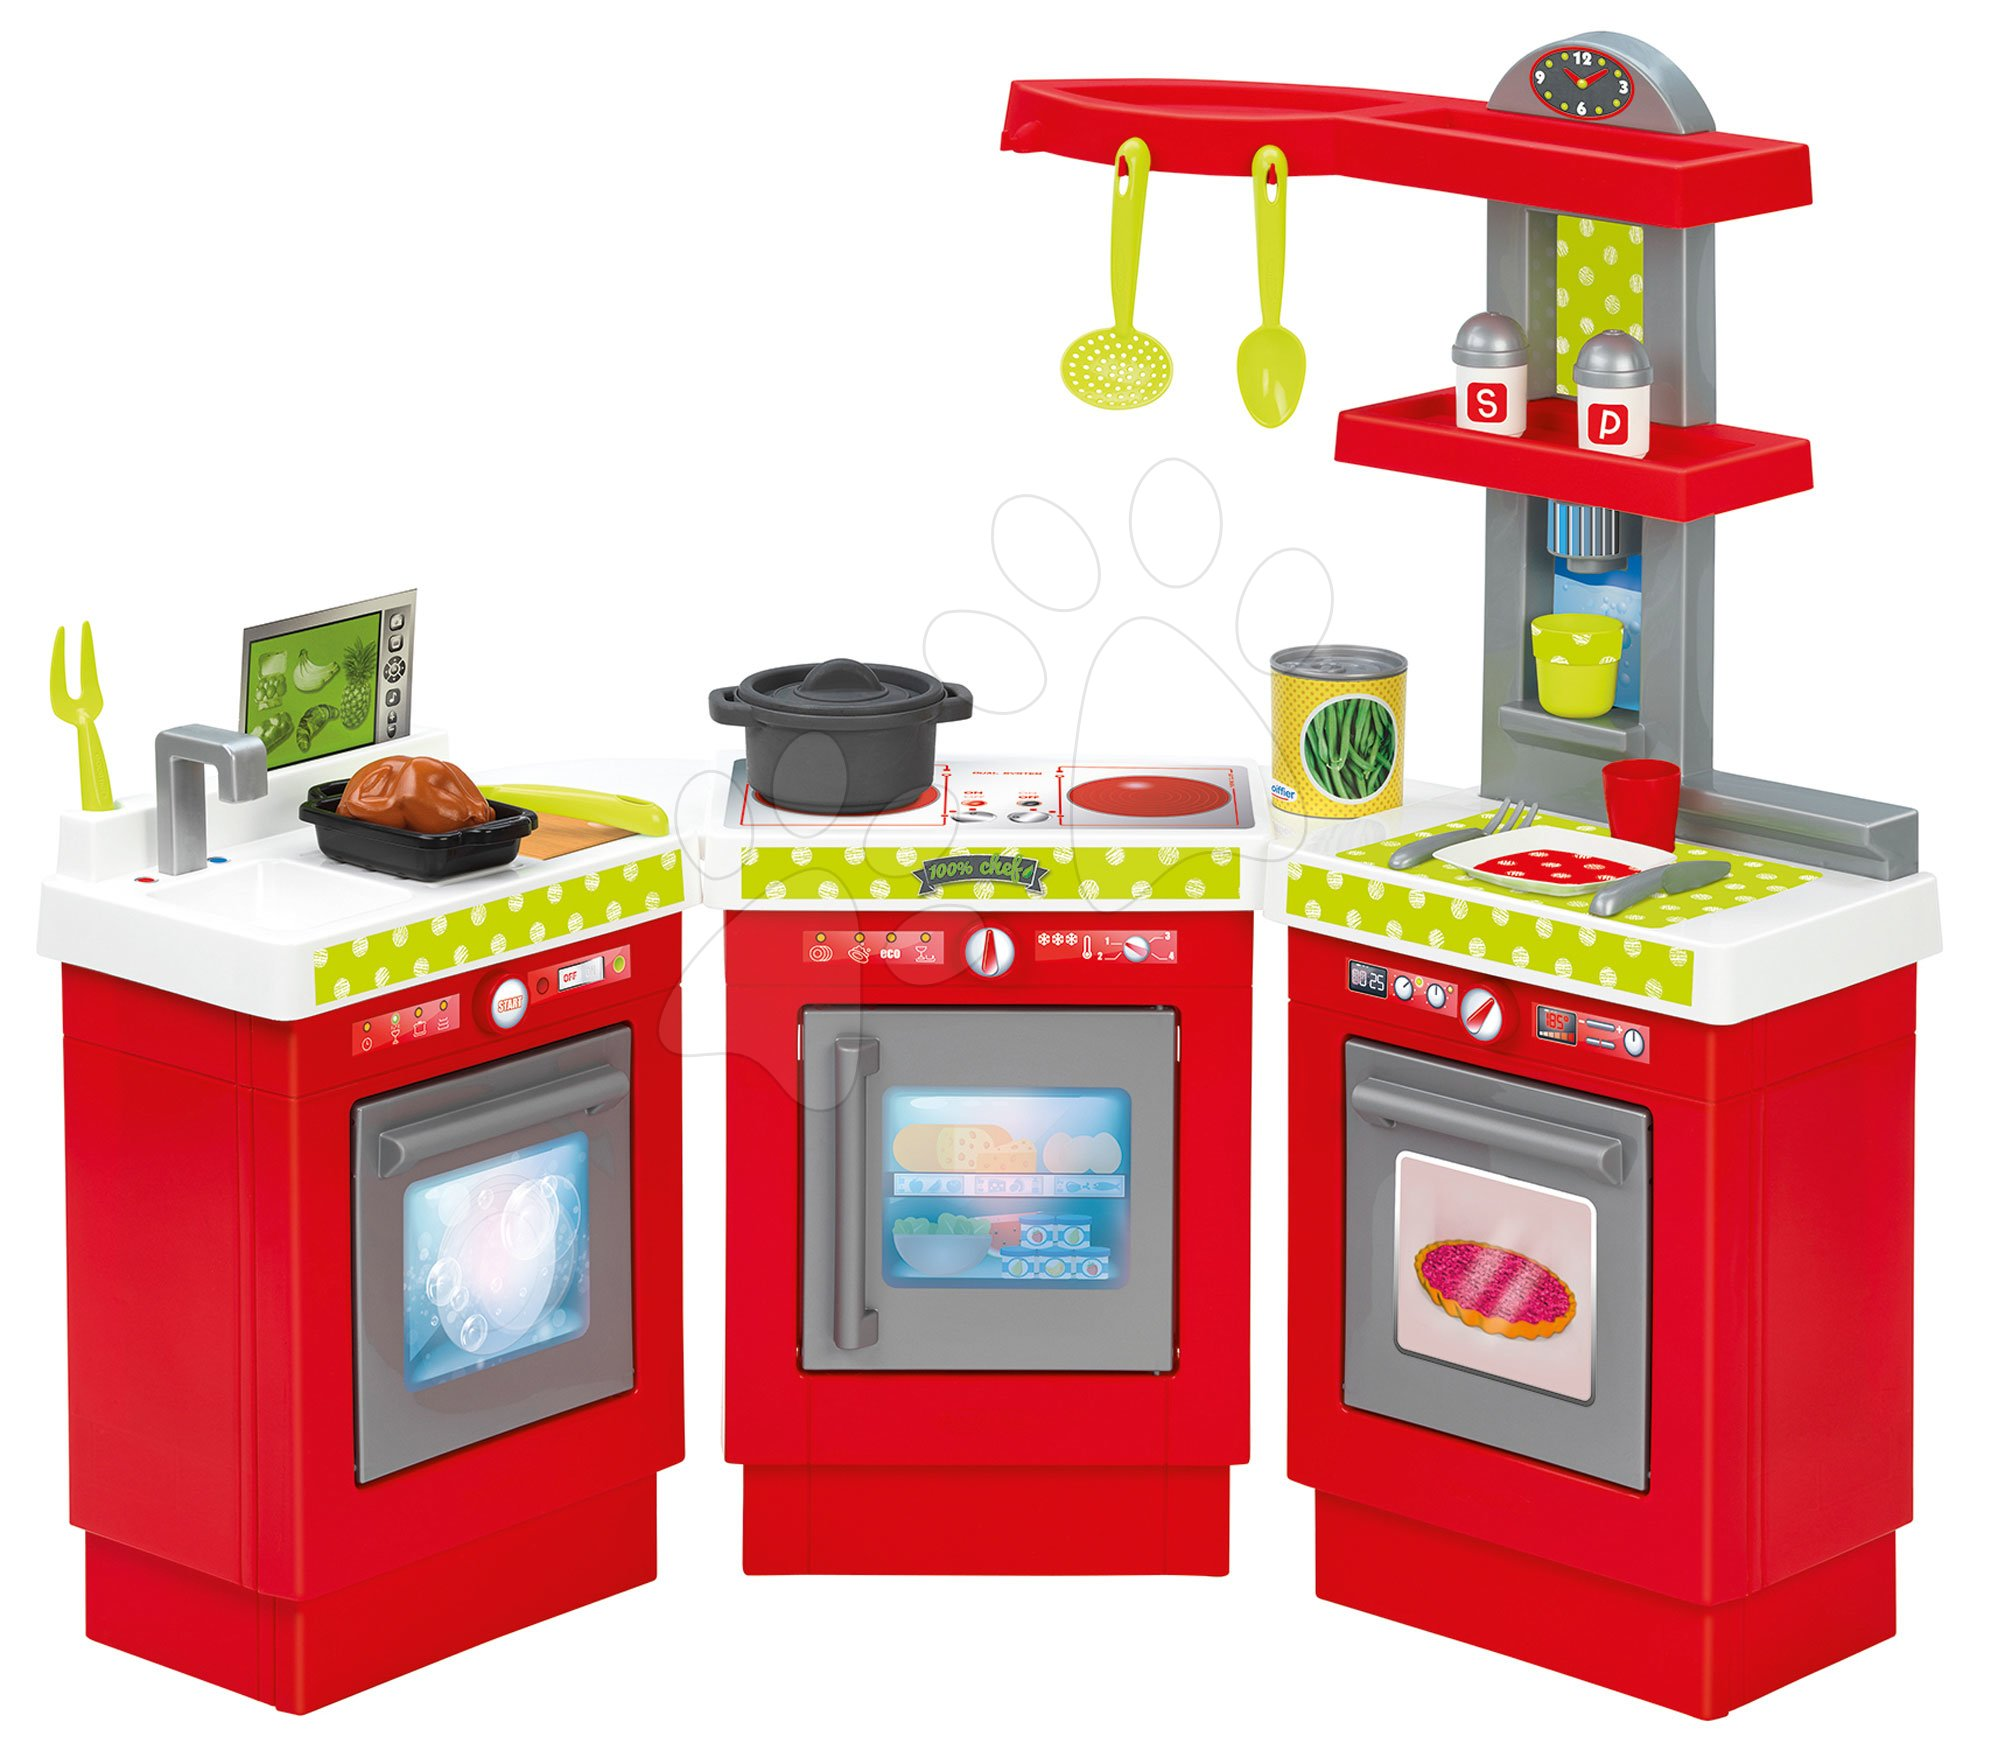 Kuchynka 3 Modules 100% Chef Écoiffier trojdielna s 21 doplnkami od 18 mes